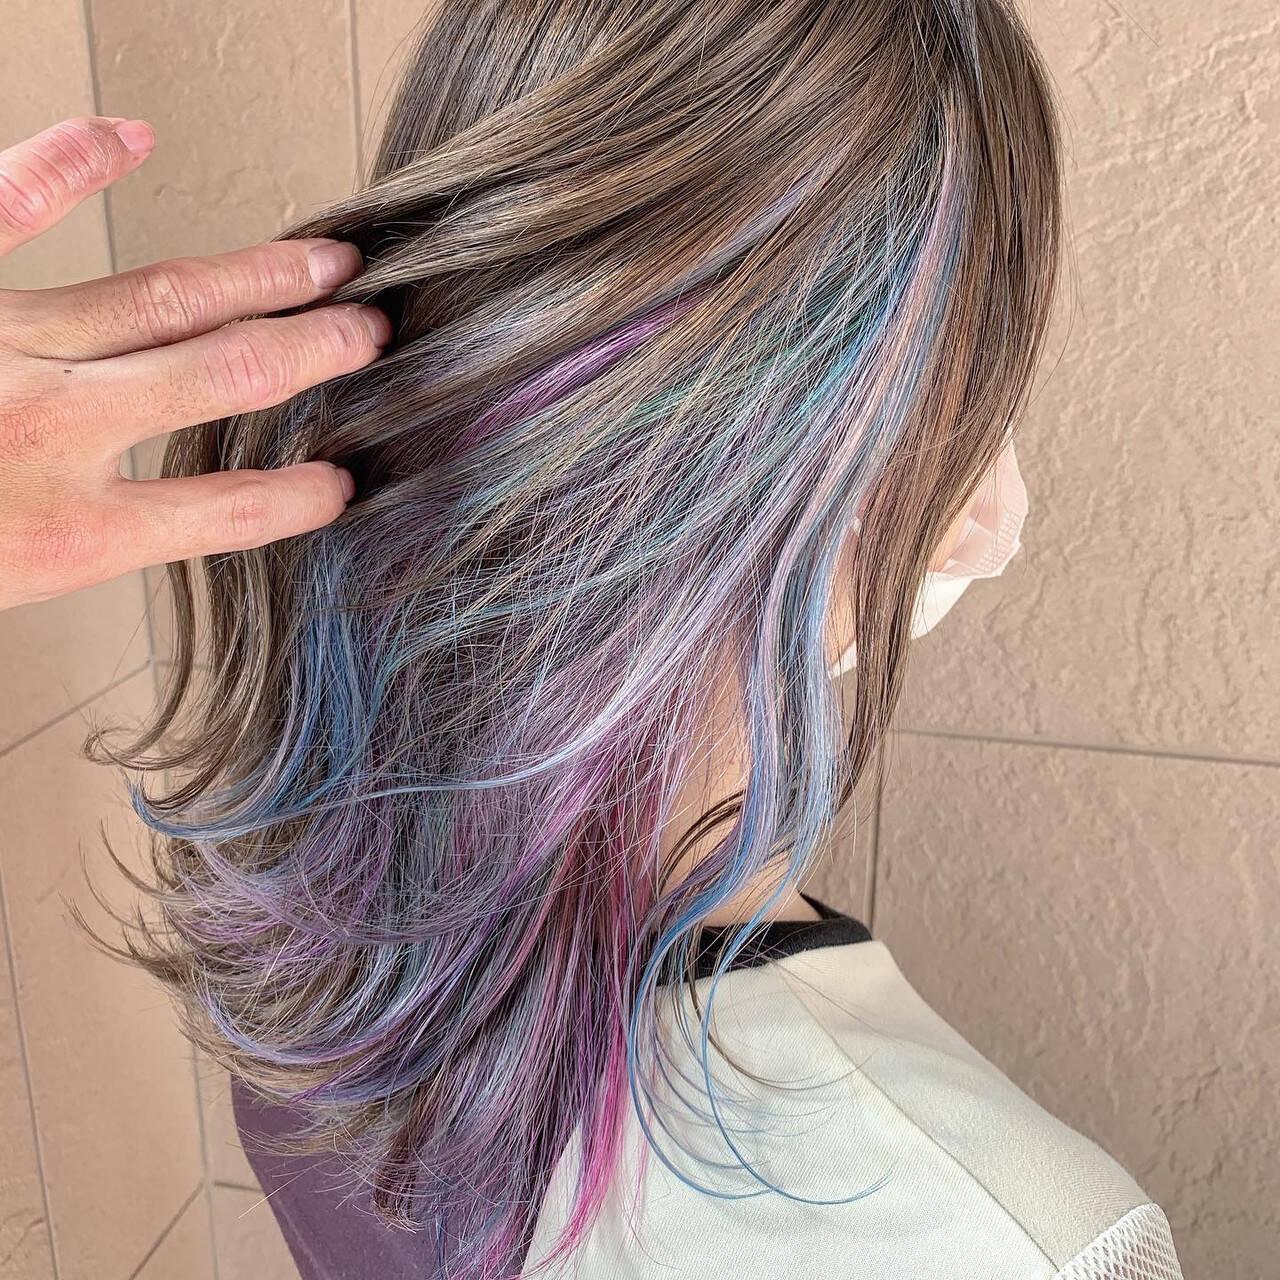 ユニコーンカラー インナーカラー セミロング デザインカラーヘアスタイルや髪型の写真・画像